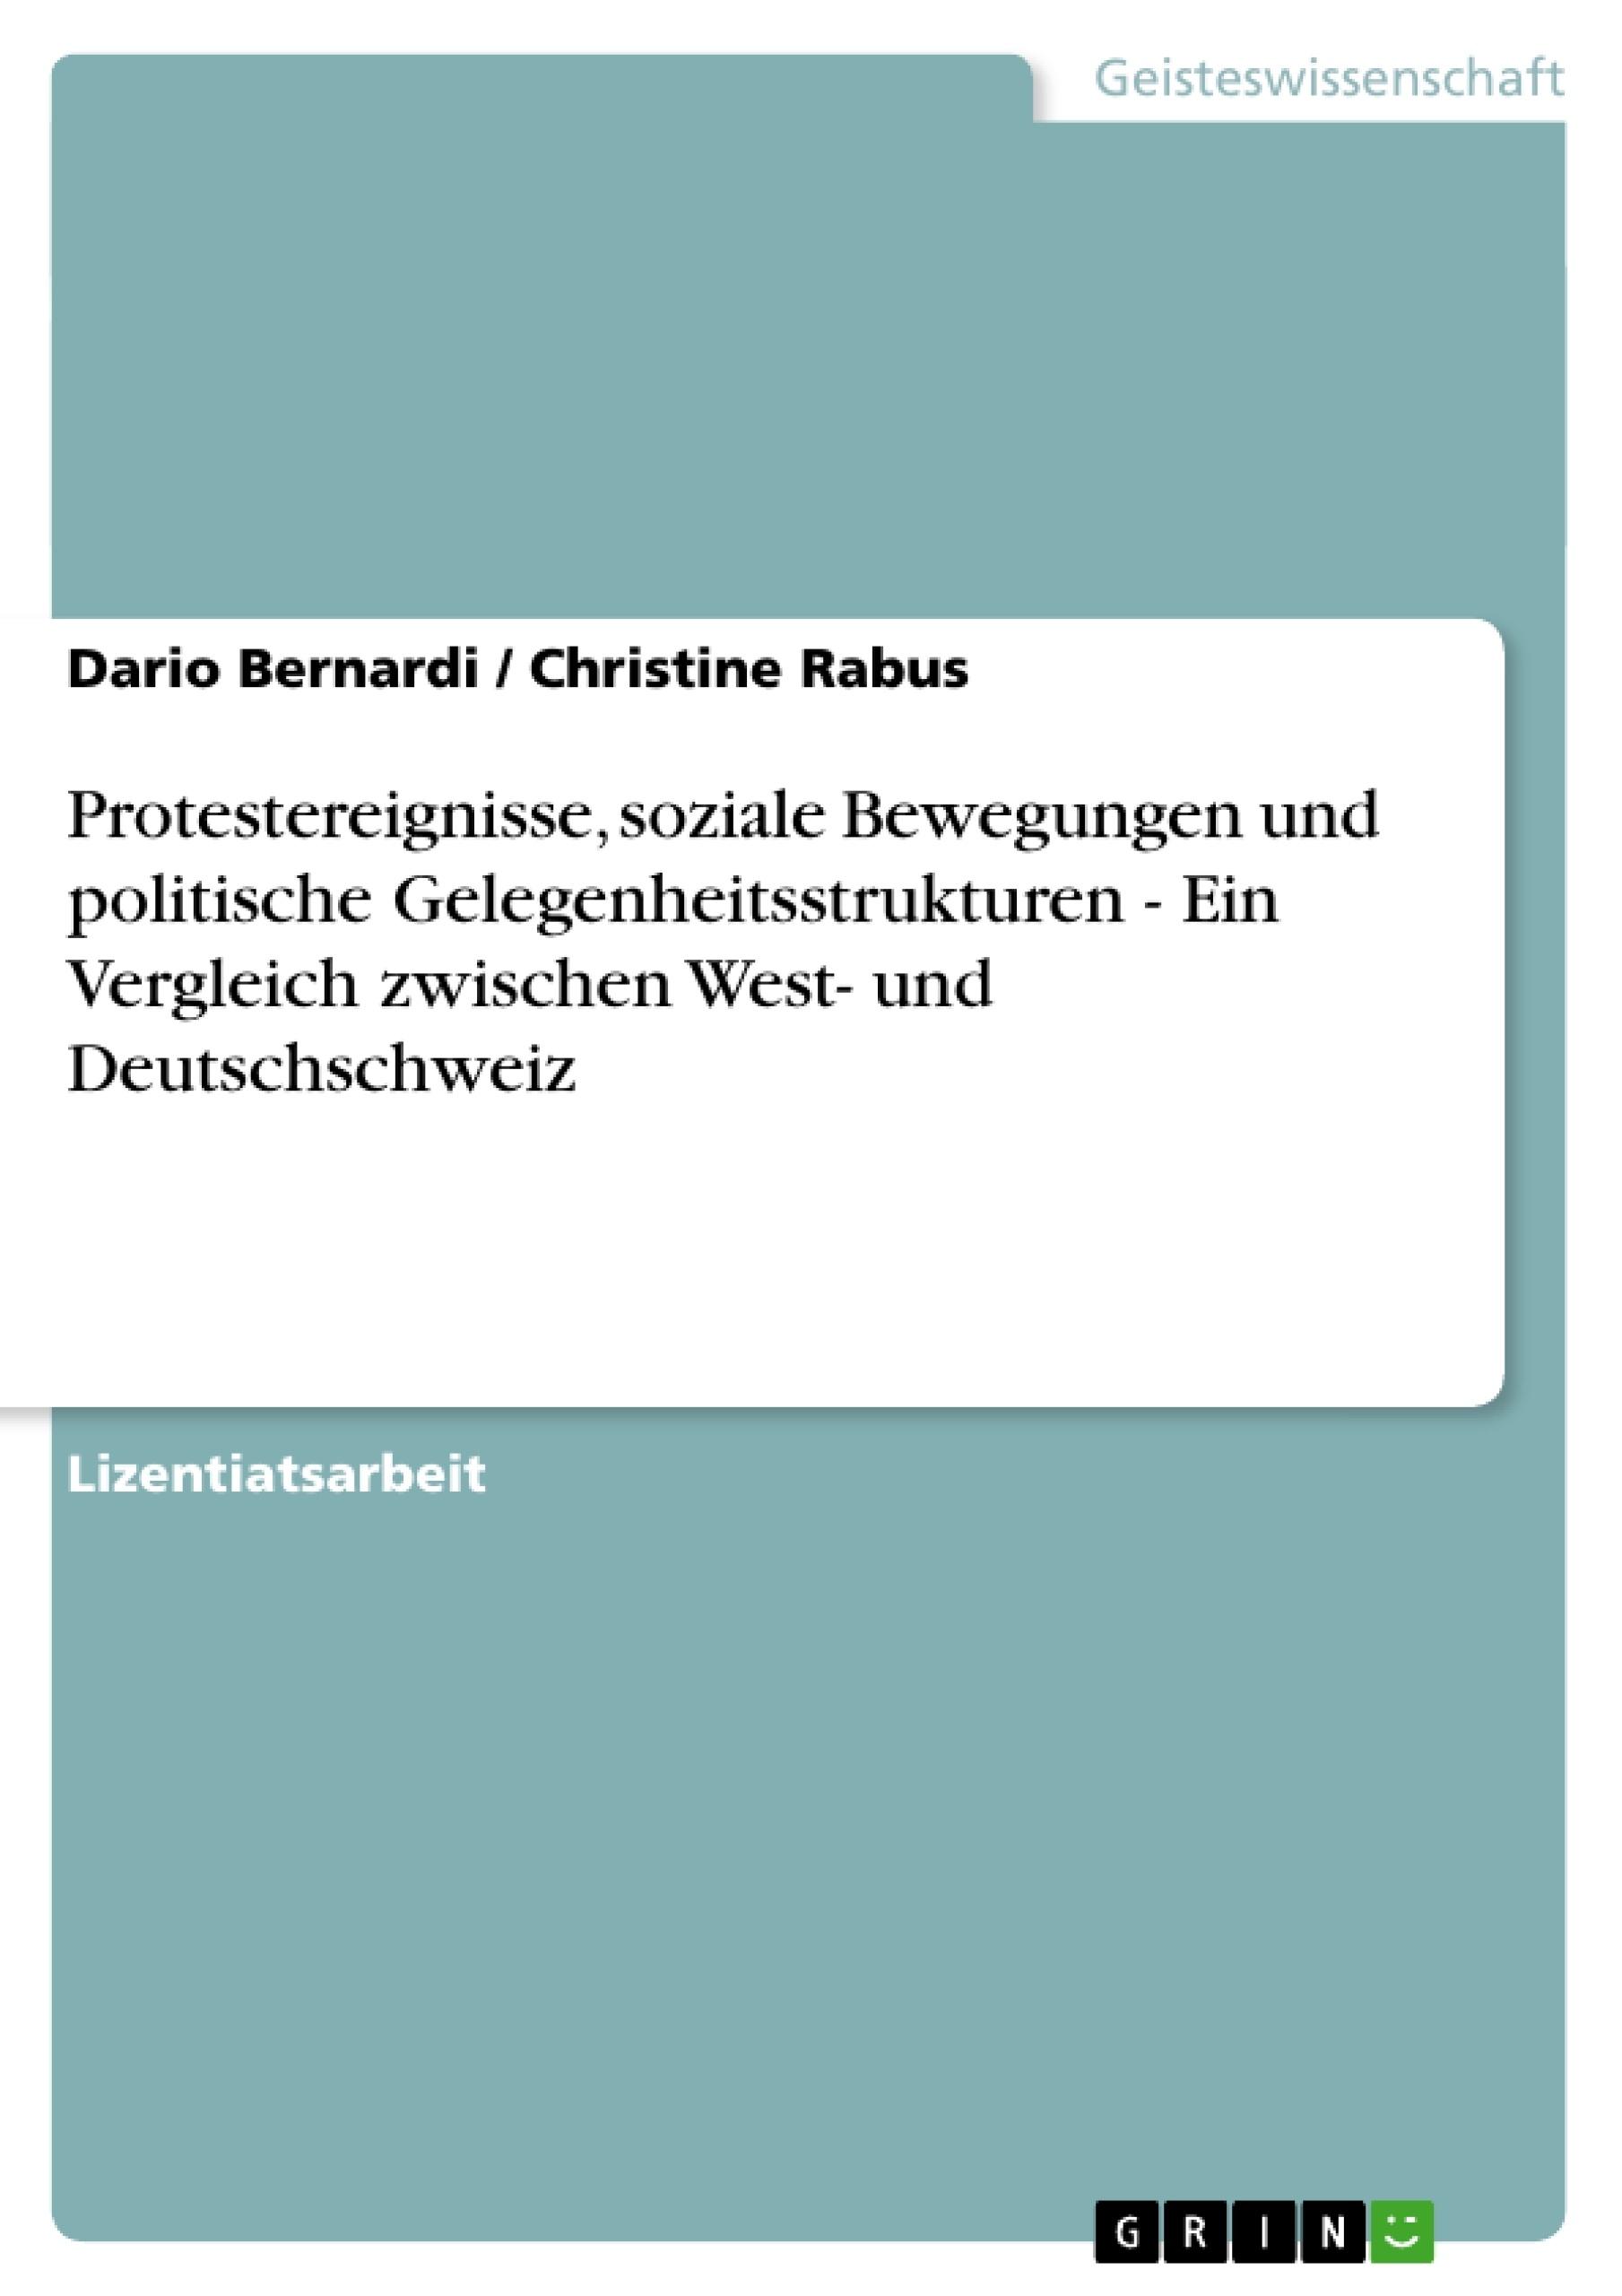 Titel: Protestereignisse, soziale Bewegungen und politische Gelegenheitsstrukturen - Ein Vergleich zwischen West- und Deutschschweiz